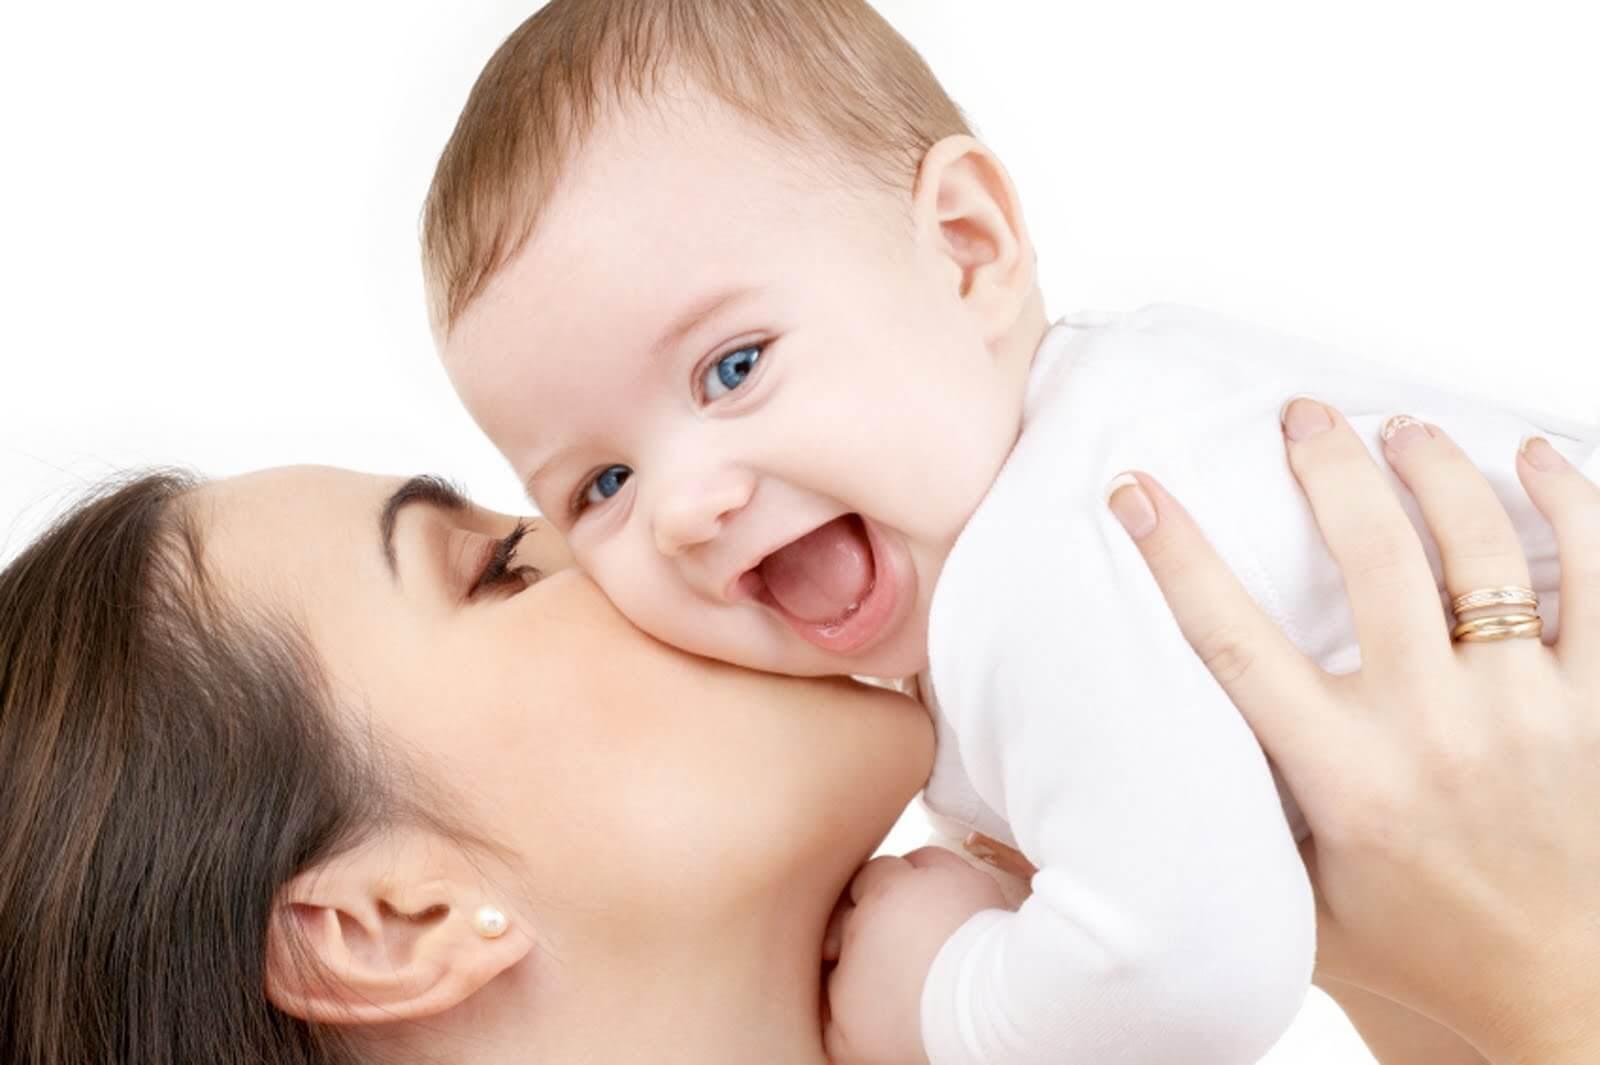 zalo official account cửa hàng mẹ và bé